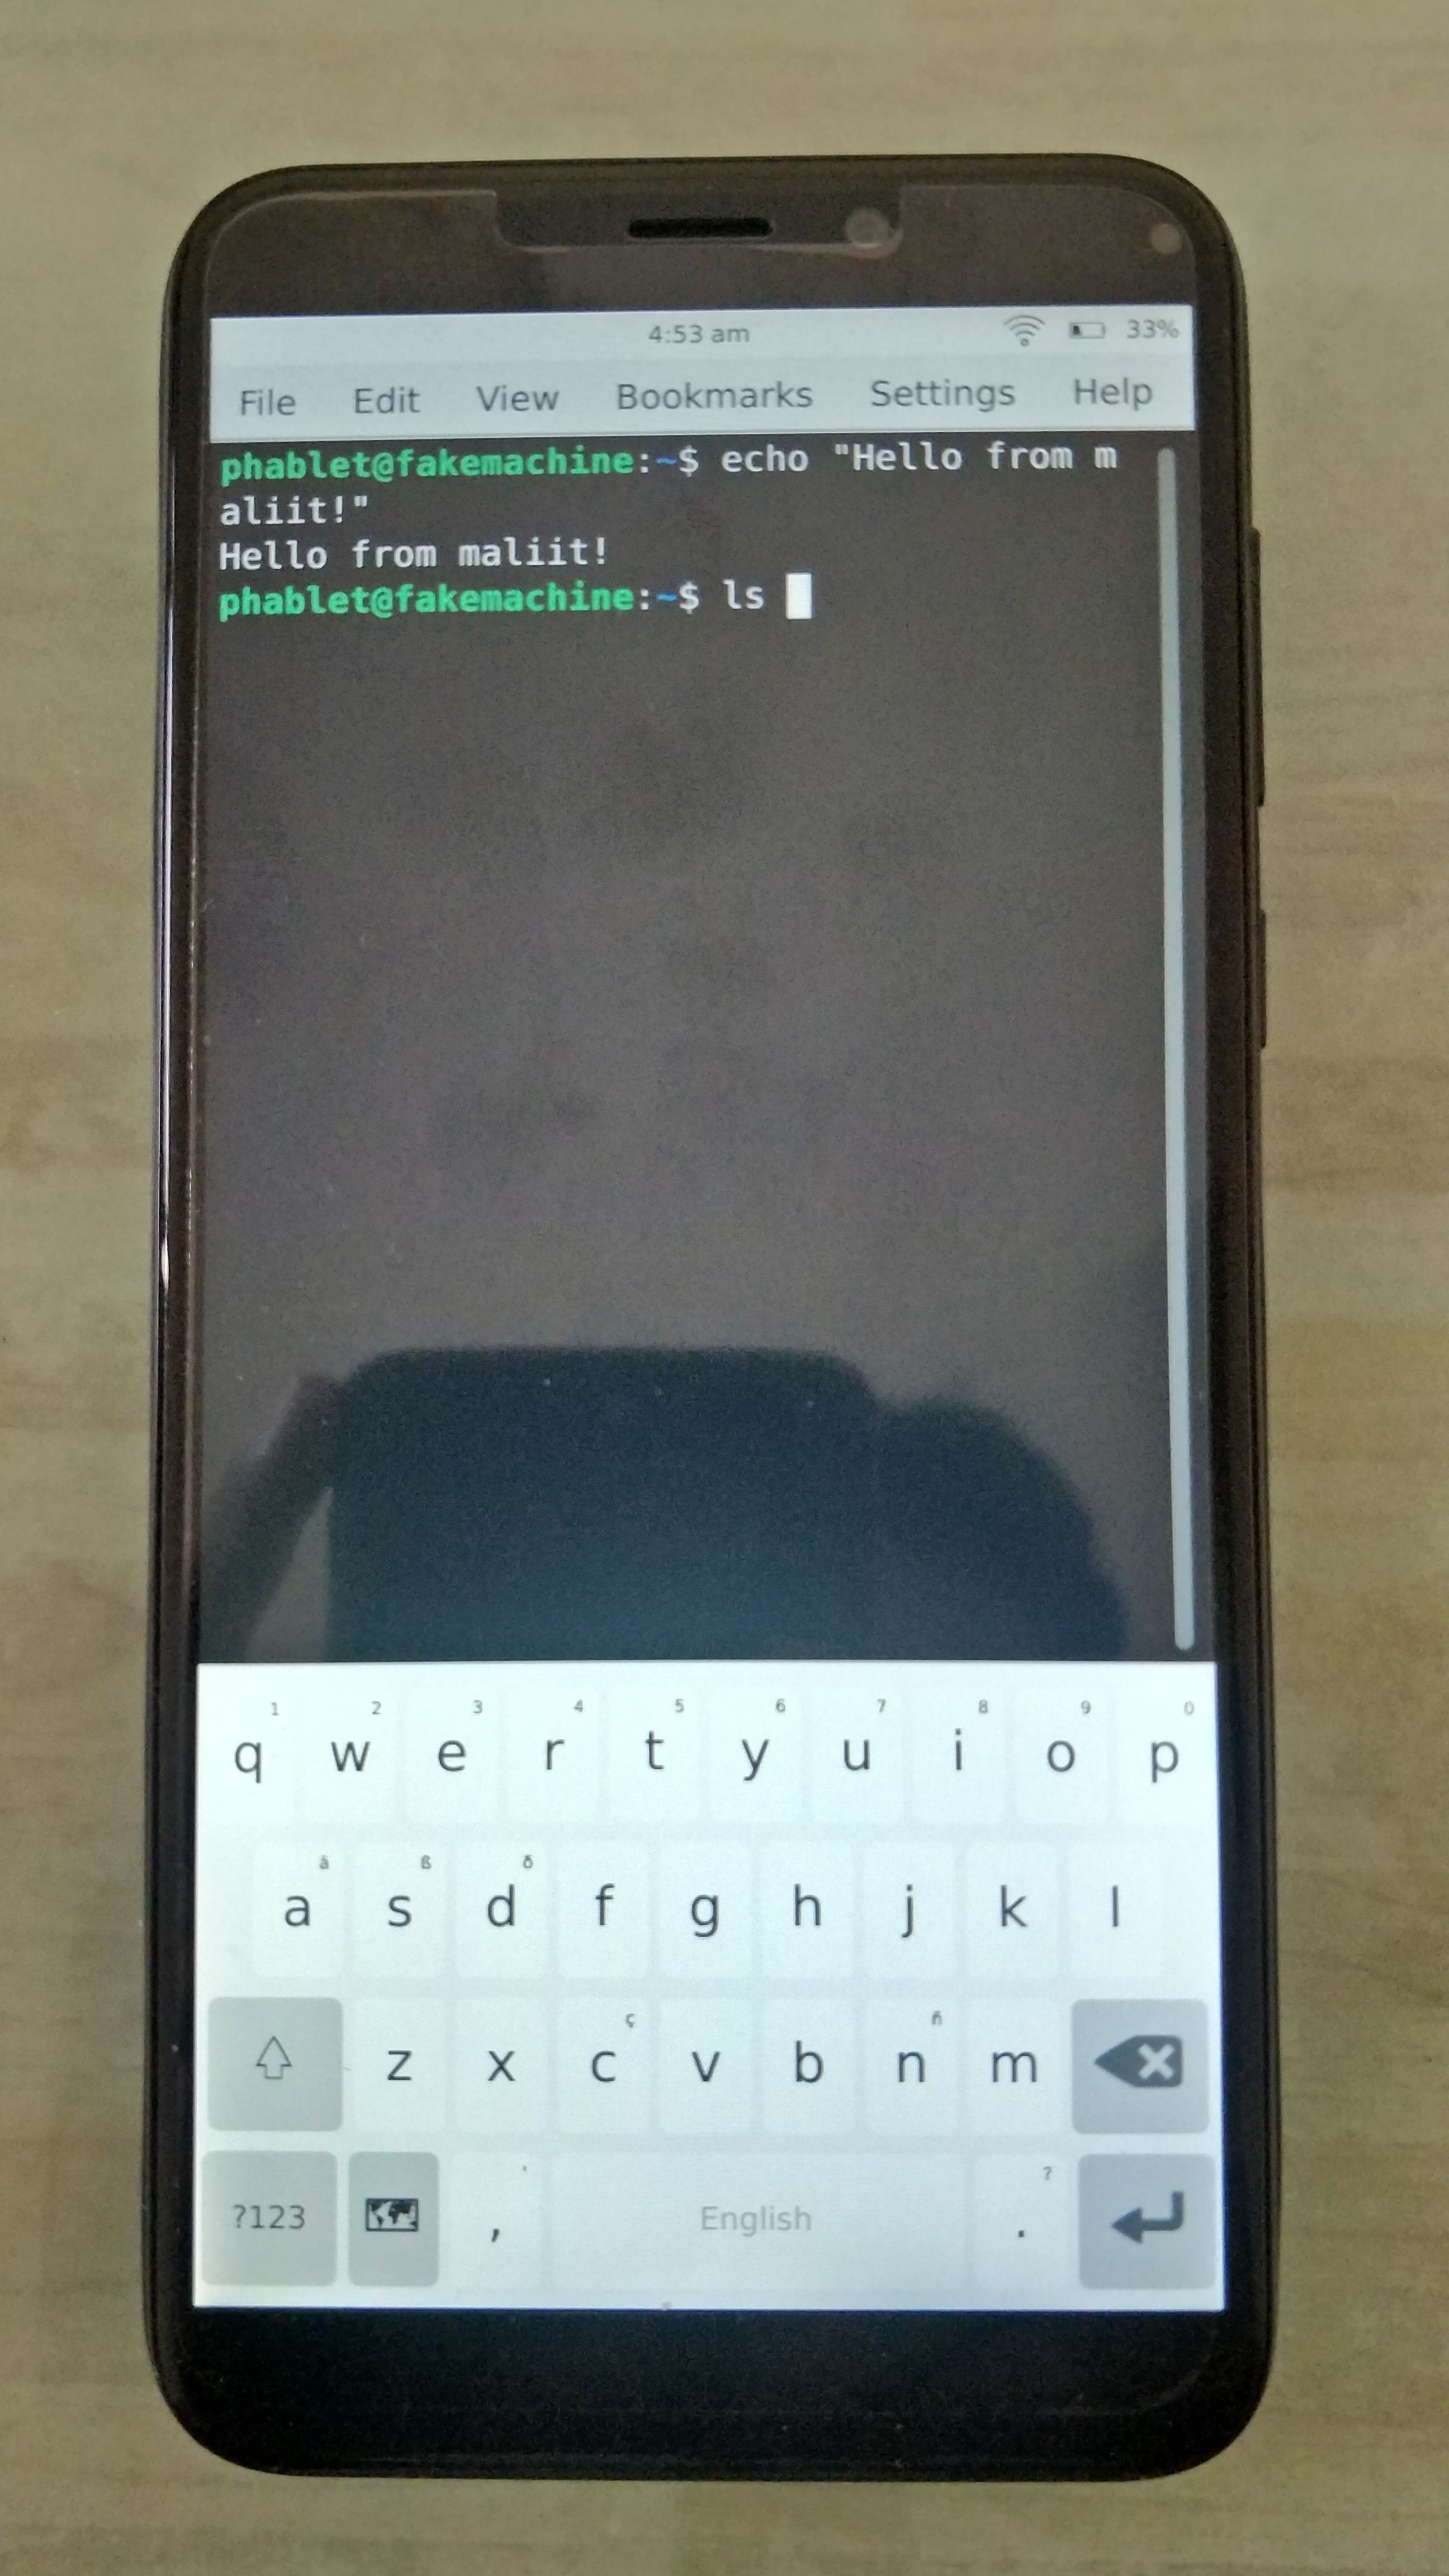 Plasma Mobile Virtual Keyboard, maliit